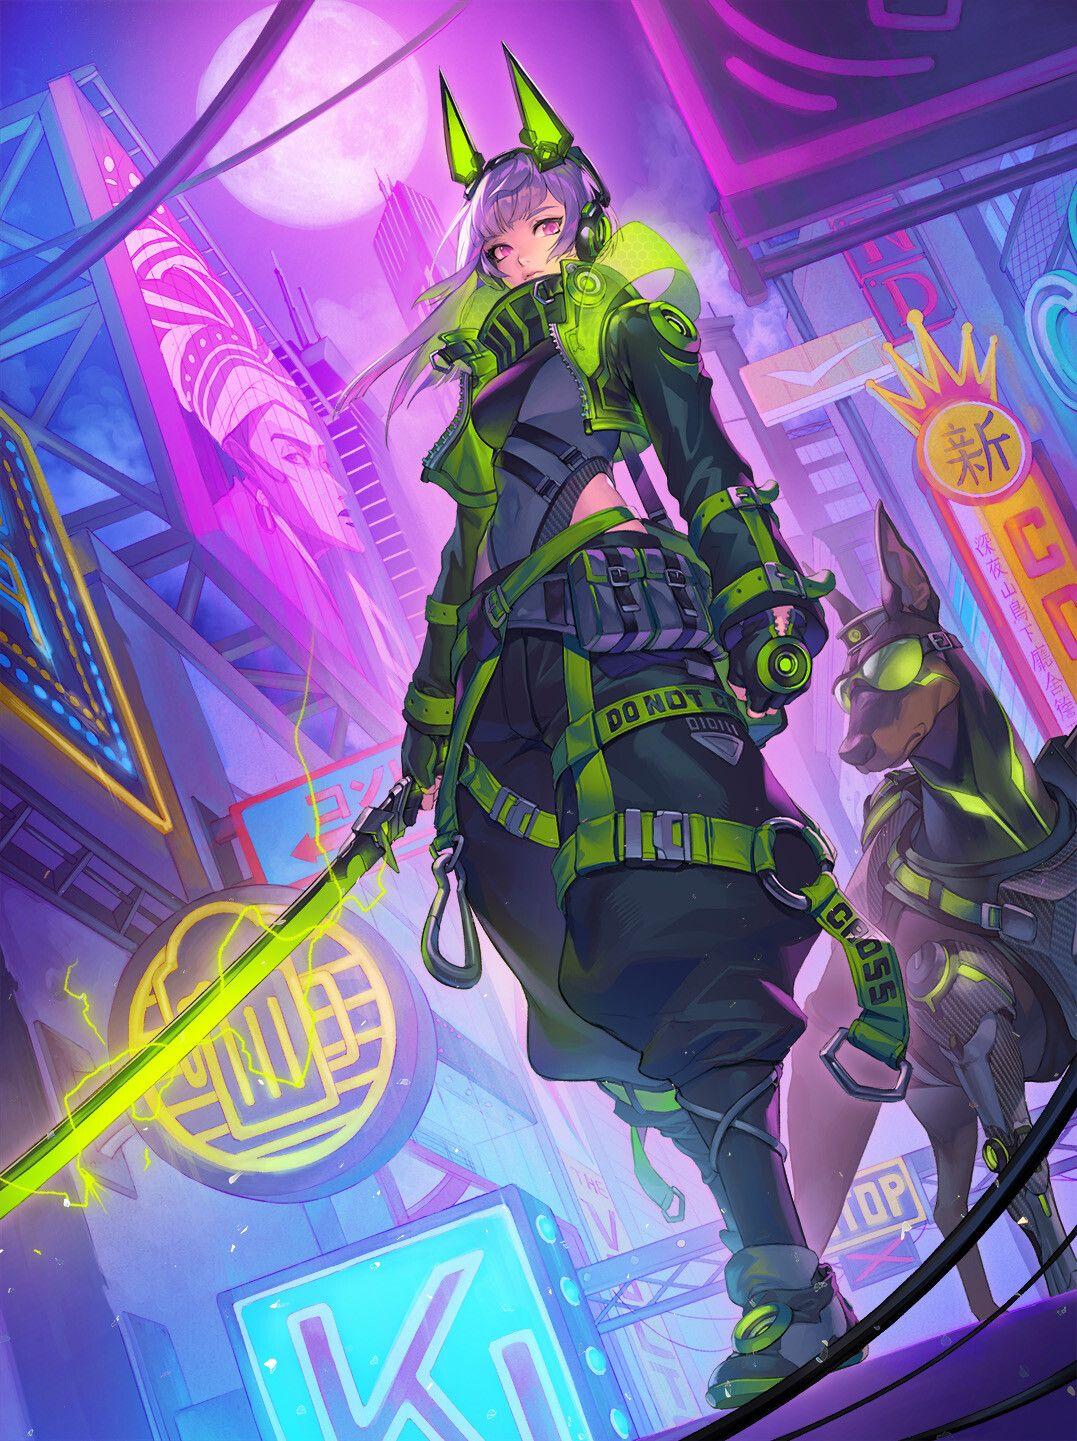 Cyberpunk by Jeong Eunjeong Cyberpunk anime, Cyberpunk